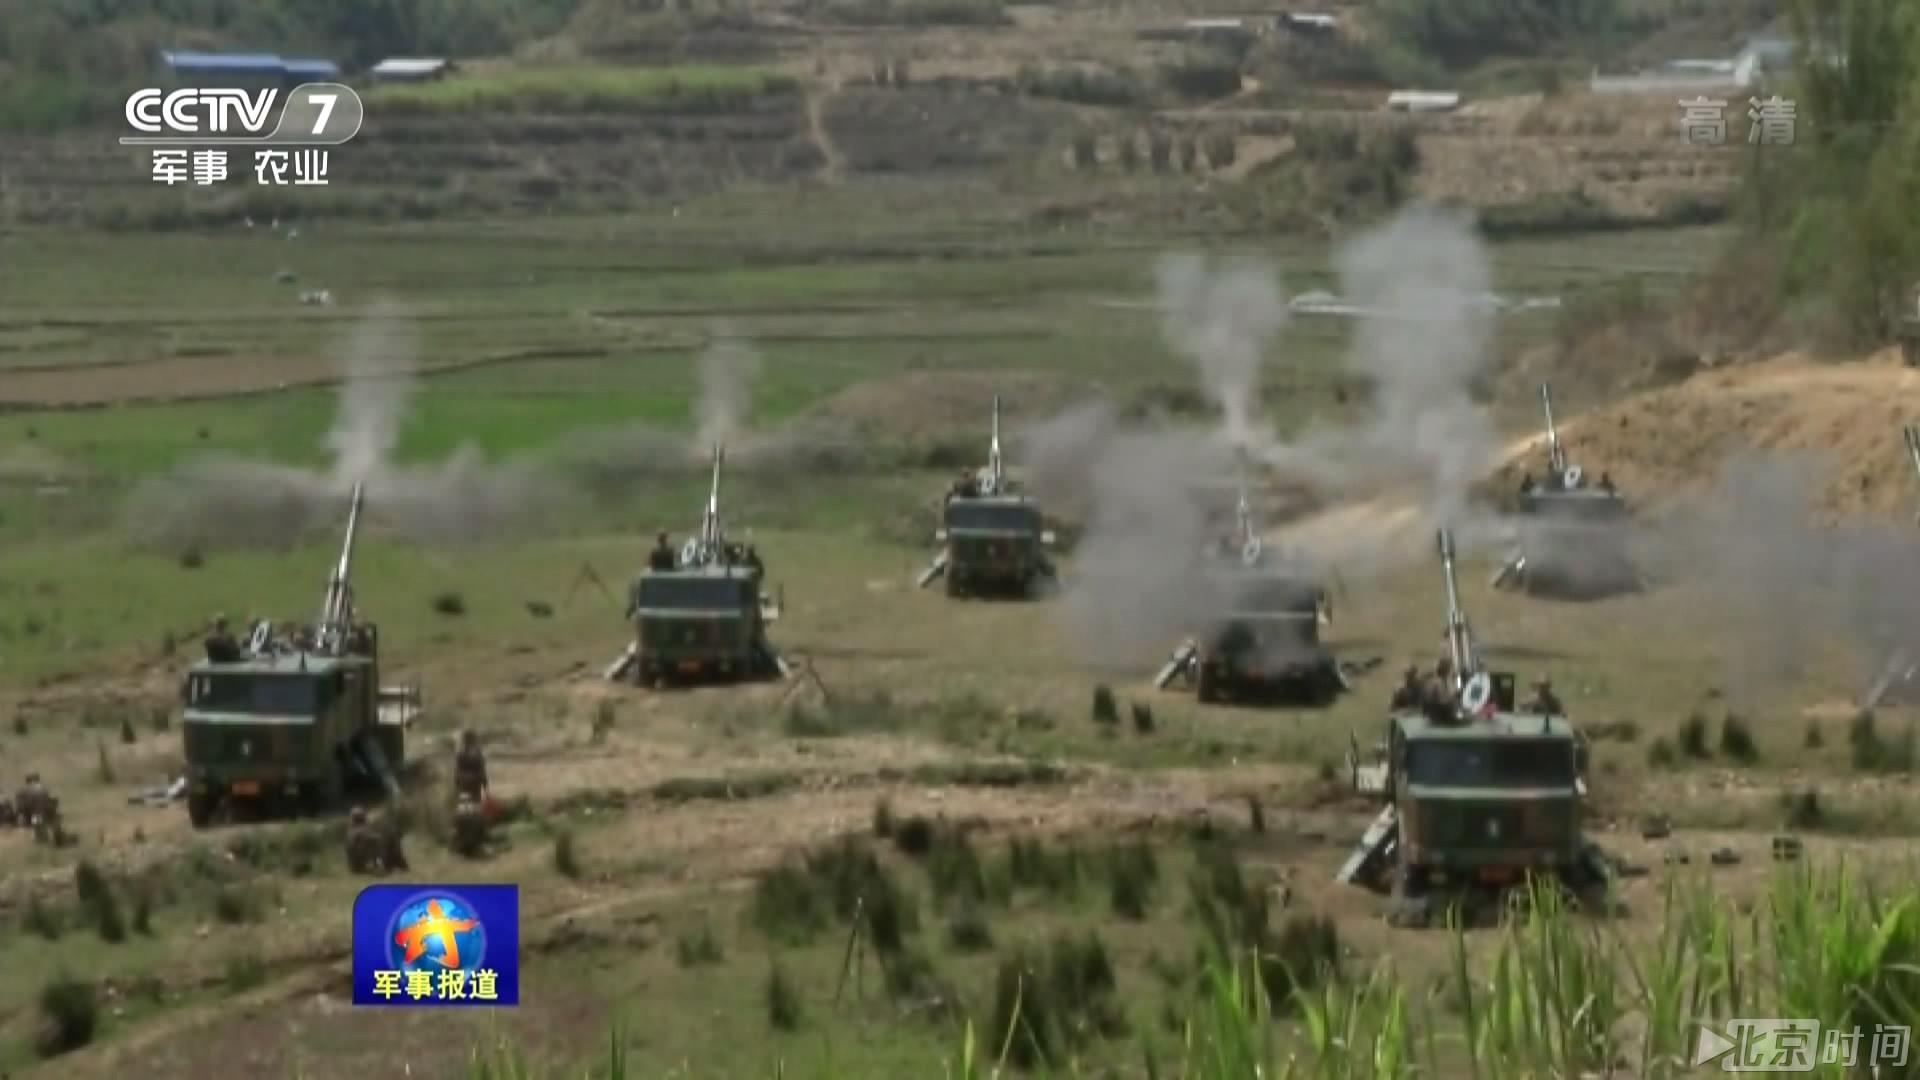 解放军中缅边境大军演:重炮群猛烈压制 - 一统江山 - 一统江山的博客